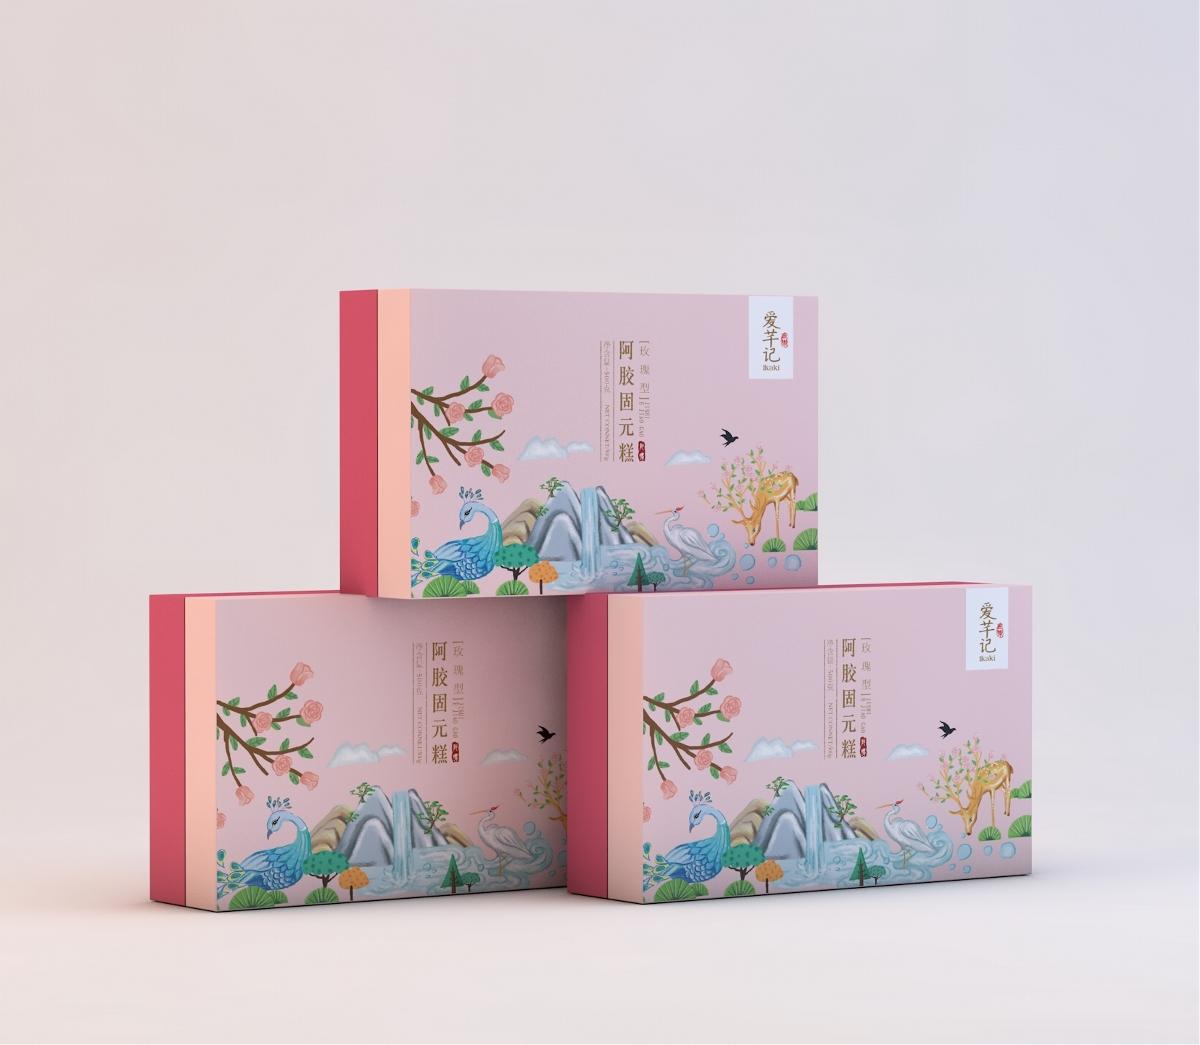 阿胶糕包装设计/阿胶糕红糖食品包装、VI设计